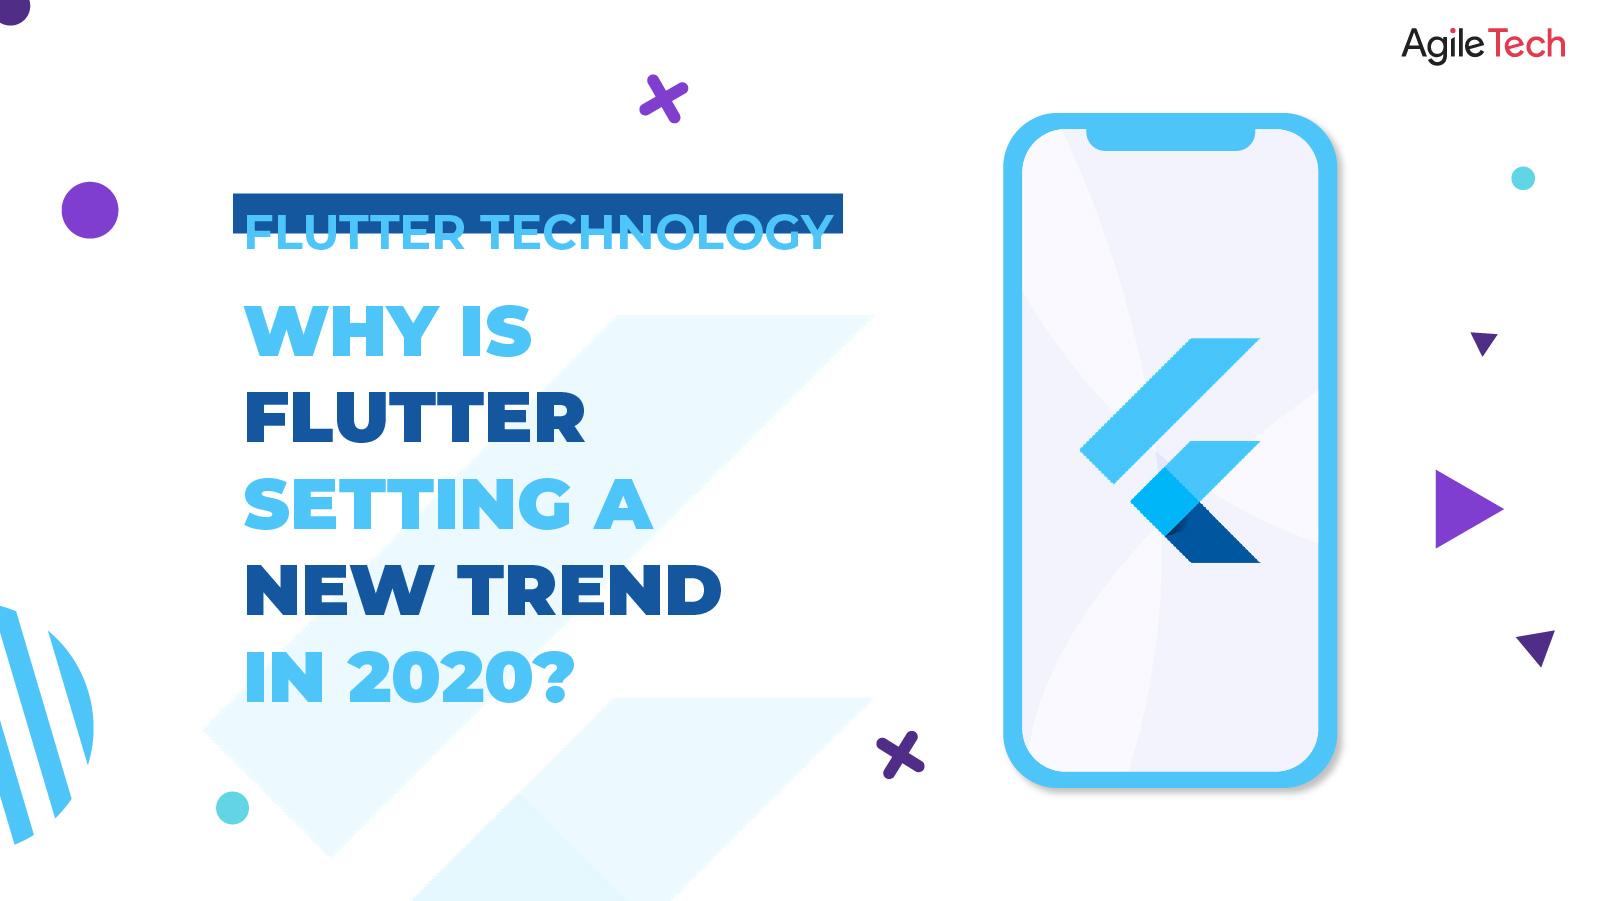 flutter, flutter vs react native, why is flutter setting new app development trend in 2020